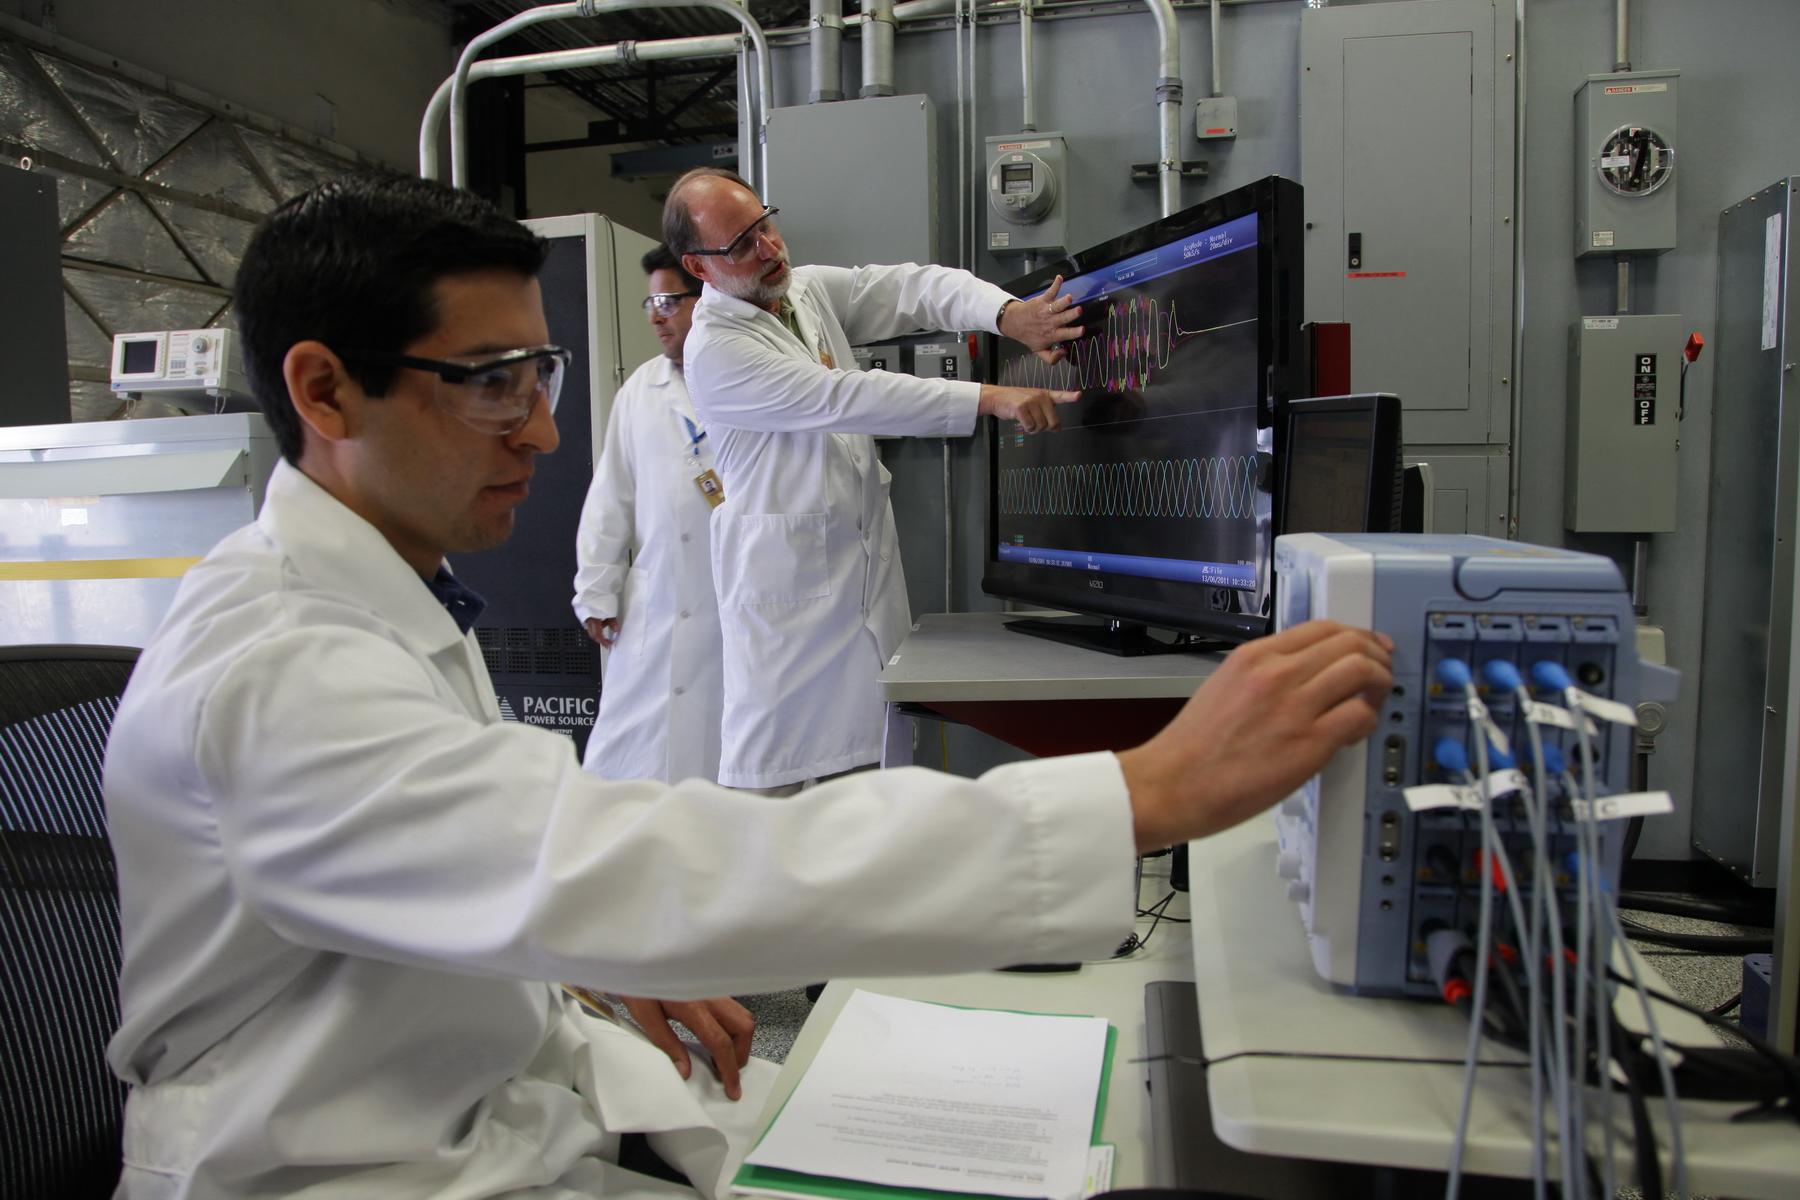 Monsht lab personnel